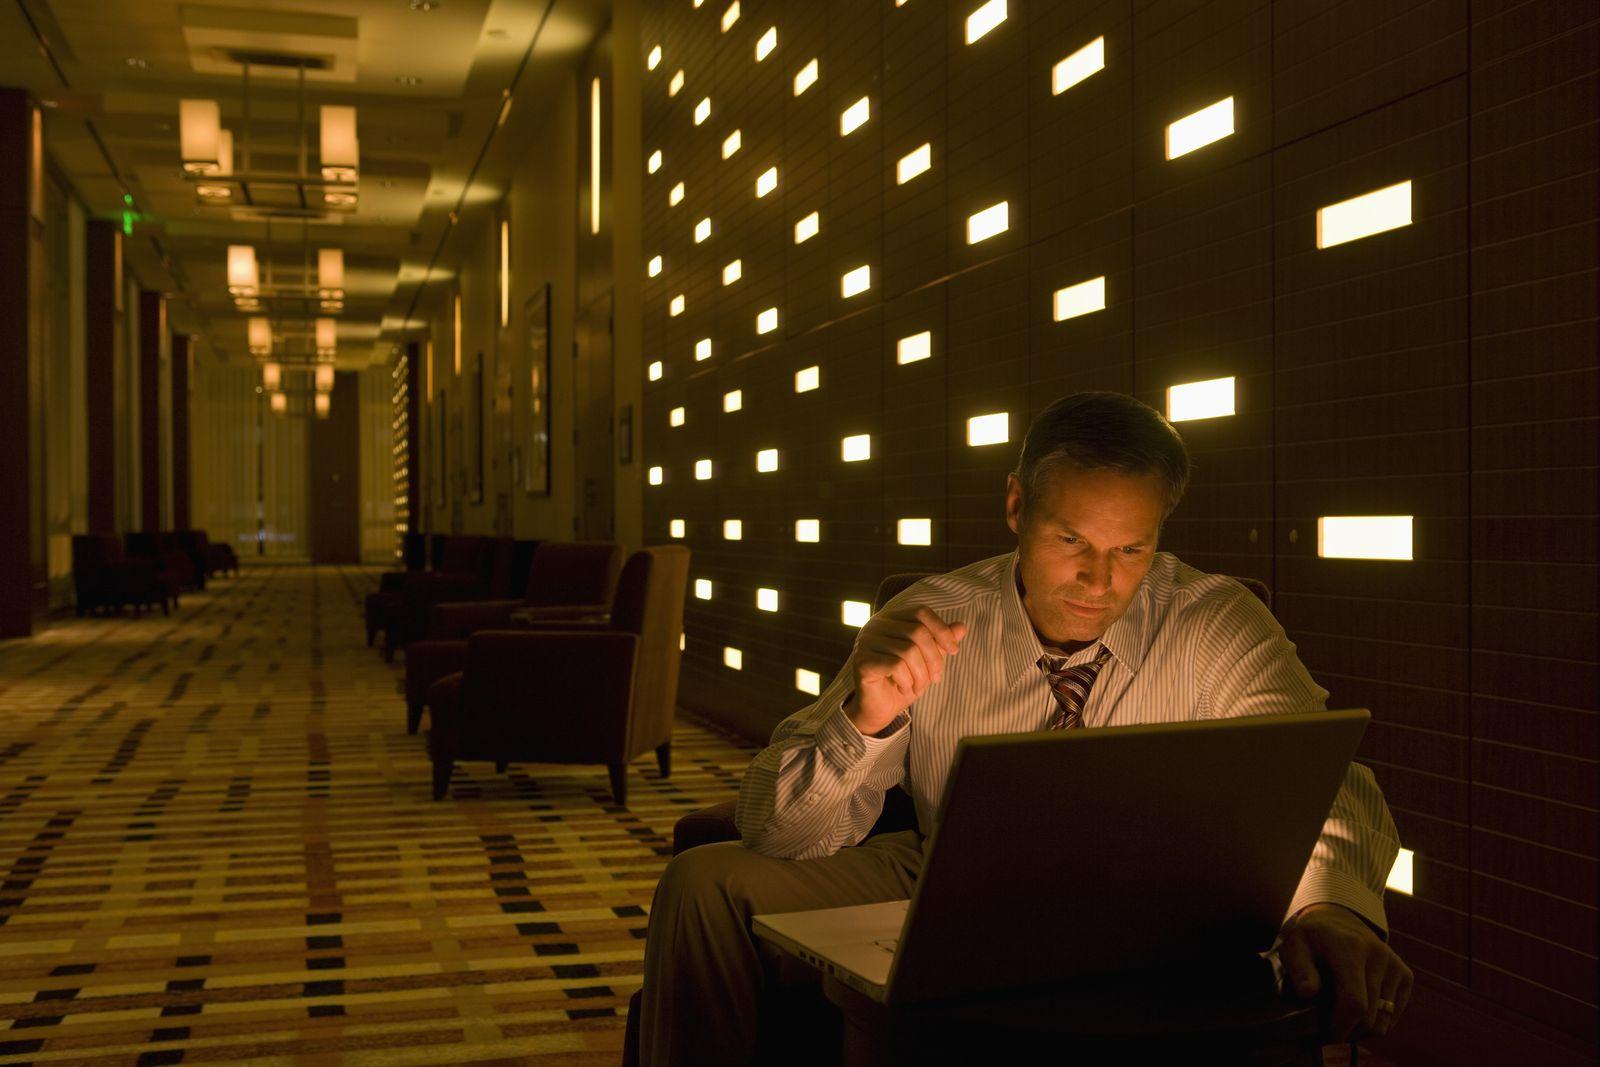 NICHT MEHR VERWENDEN! - Laptop / Hotel / Geschäftsmann